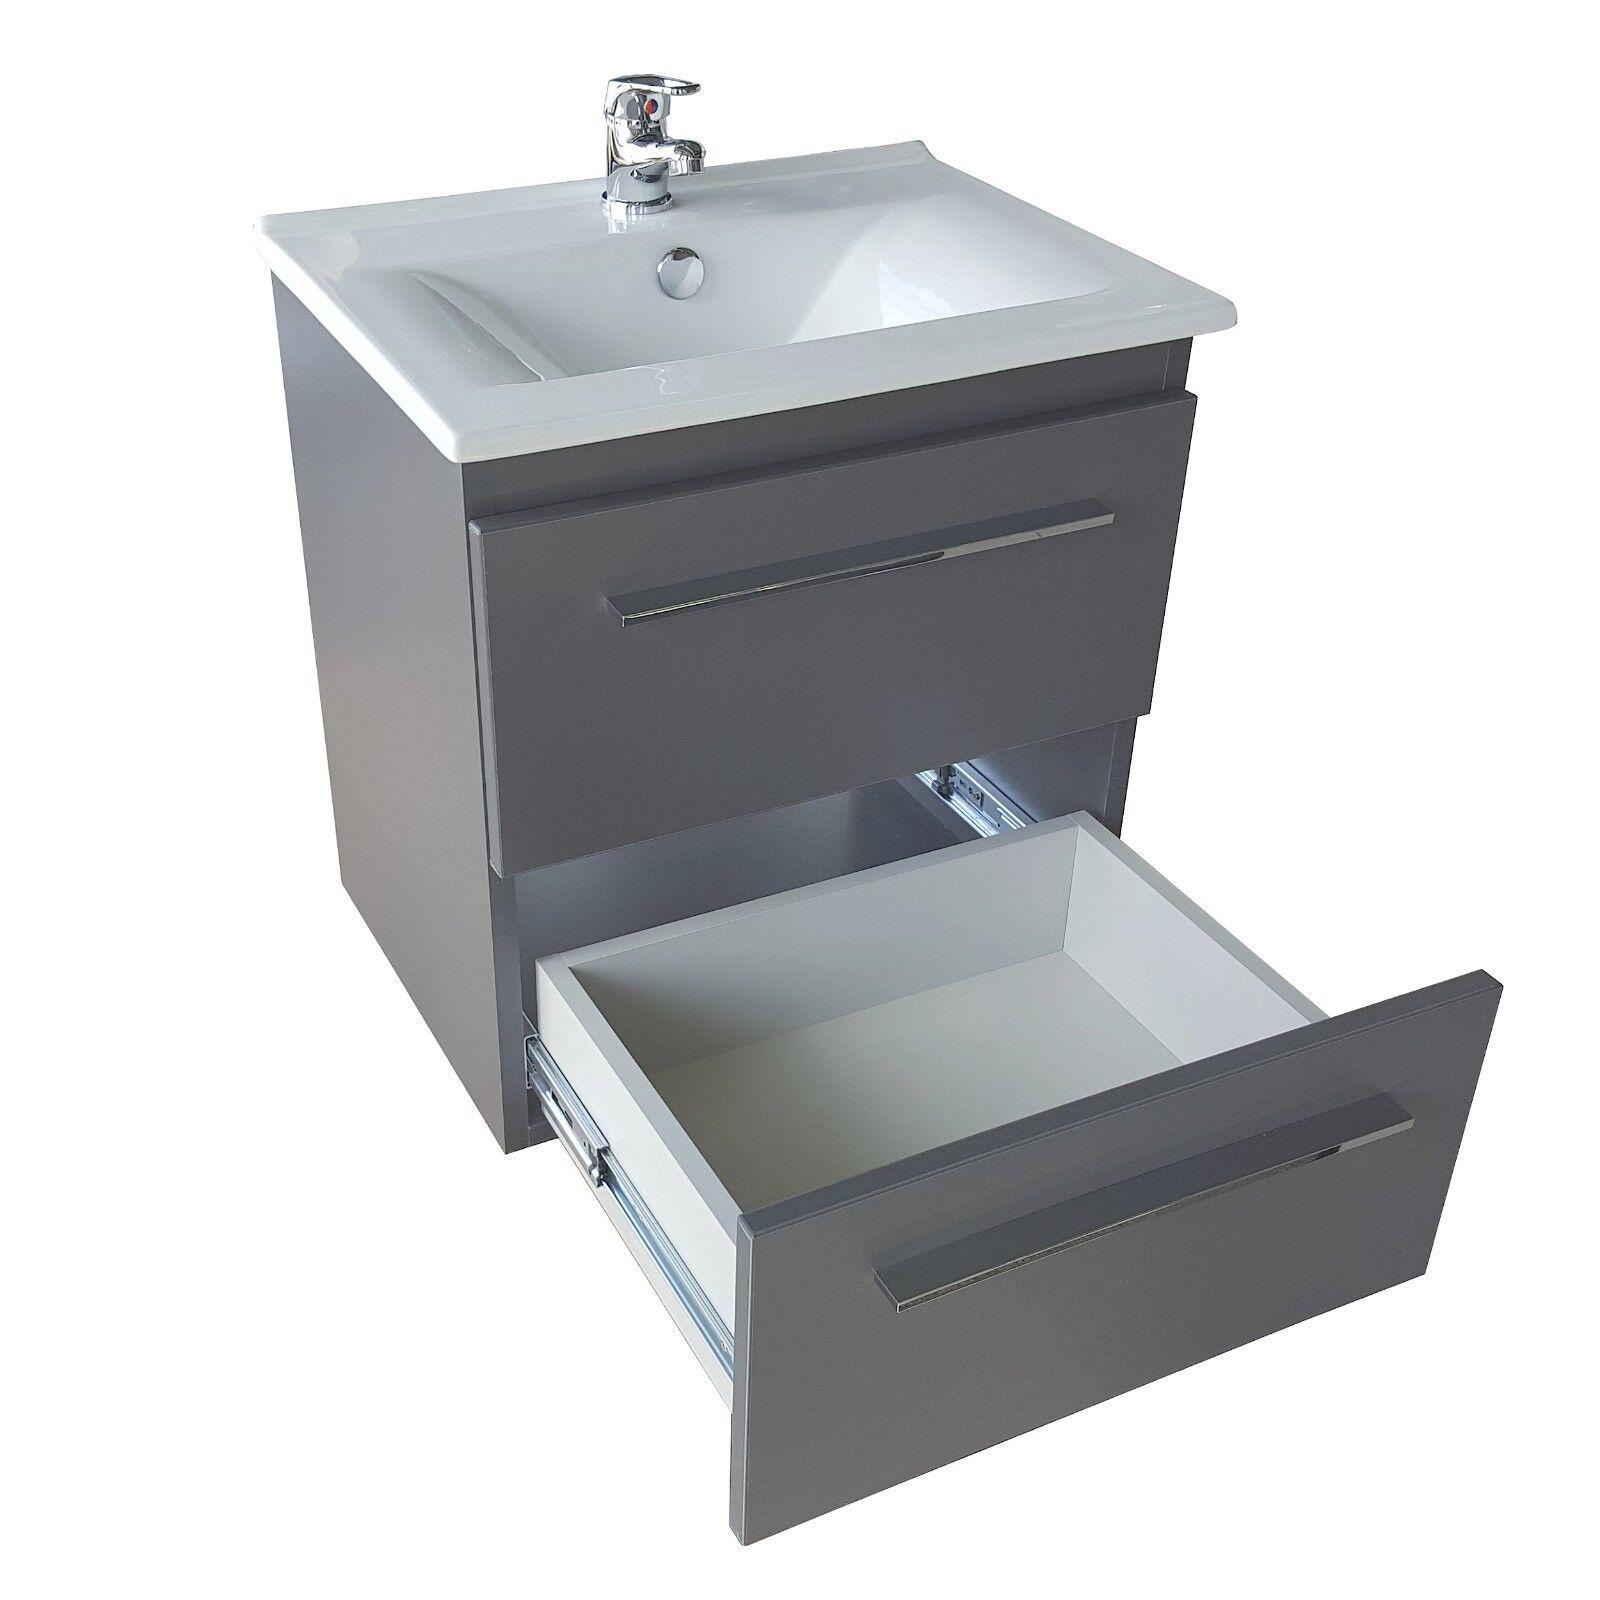 Waschbeckenunterschrank Mit Schubladen Test Vergleich